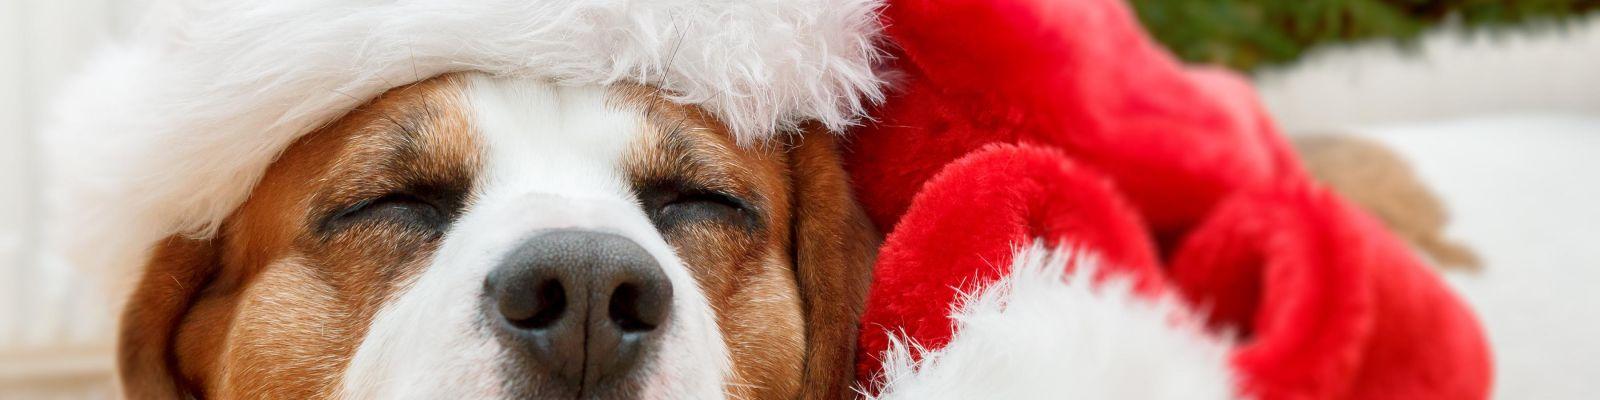 navidad con perro tranquilo